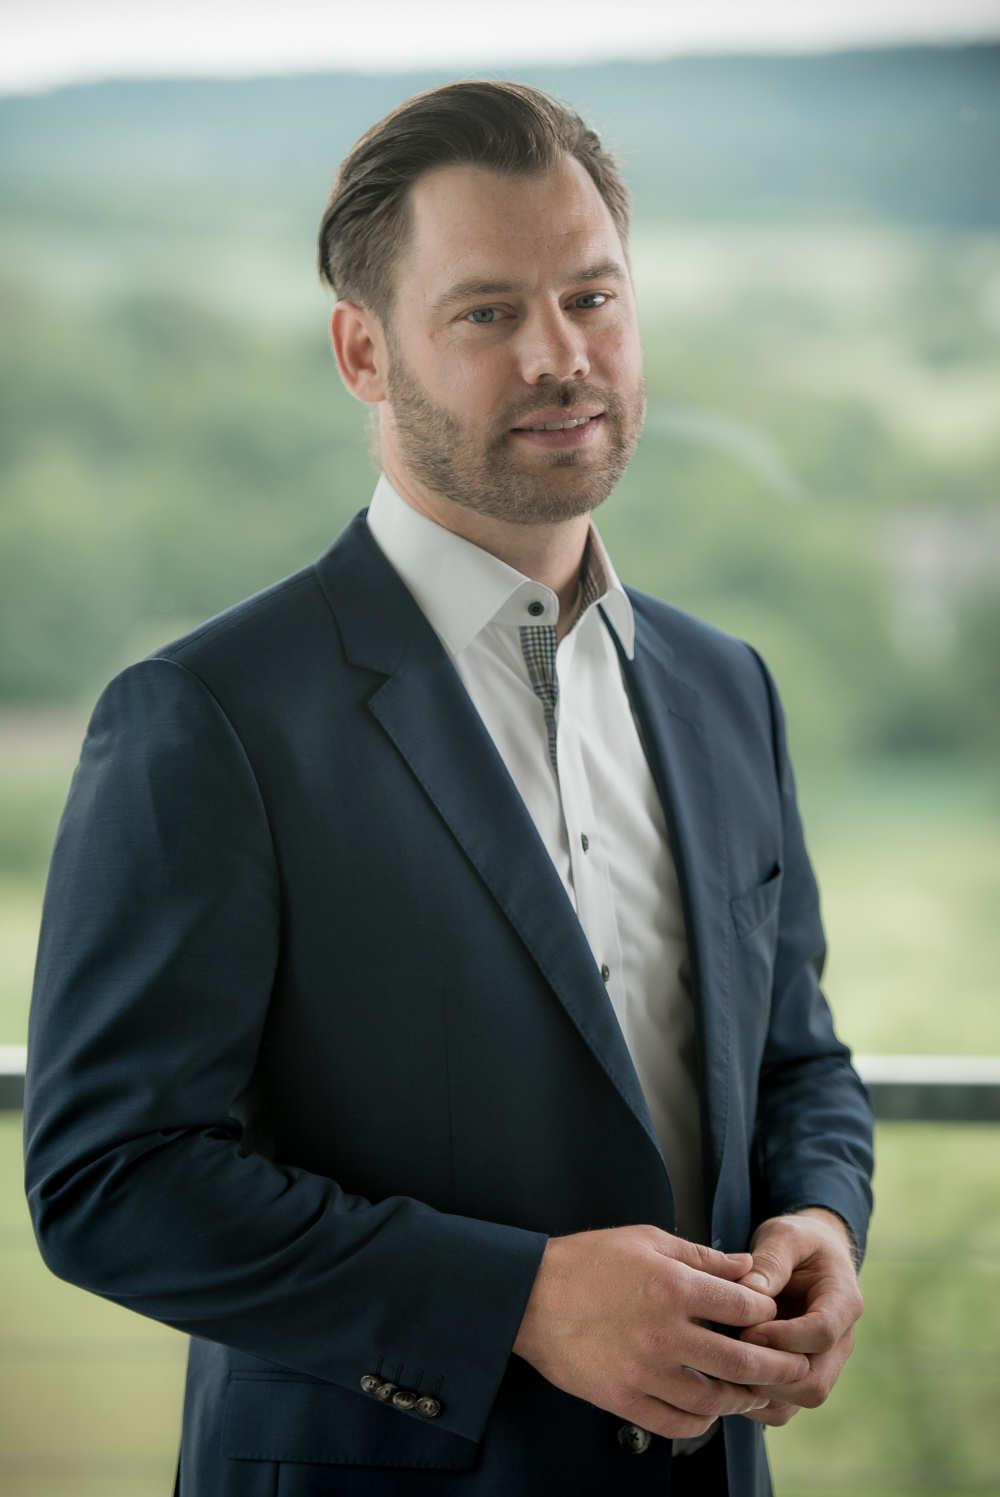 Christoph Neumeyer, Shure